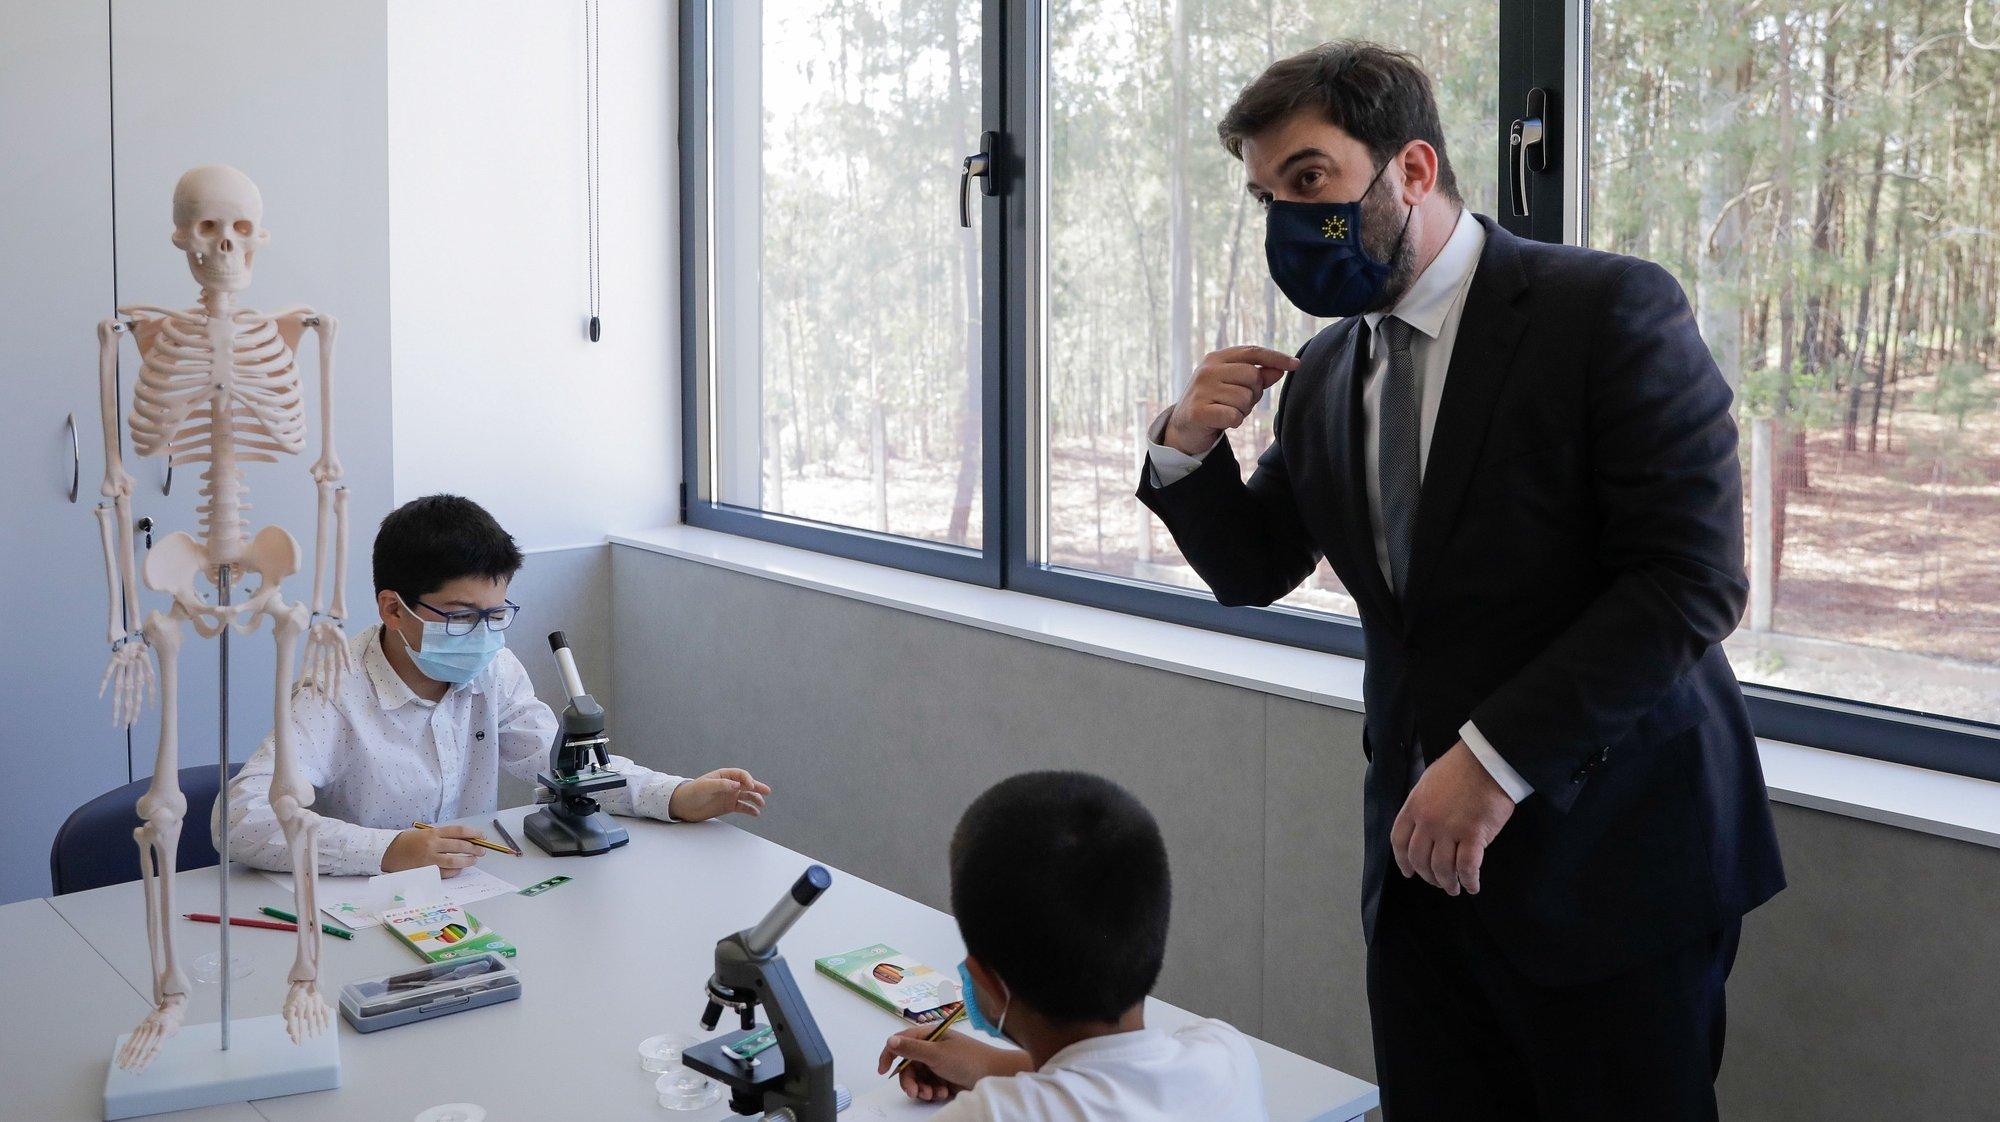 O ministro da Educação, Tiago Brandão Rodrigues (D), conversa com alunos durante a visita e inauguração do Centro Escolar de Carvoeira, Caxarias, Ourém, 05 de abril de 2021. PAULO CUNHA /LUSA